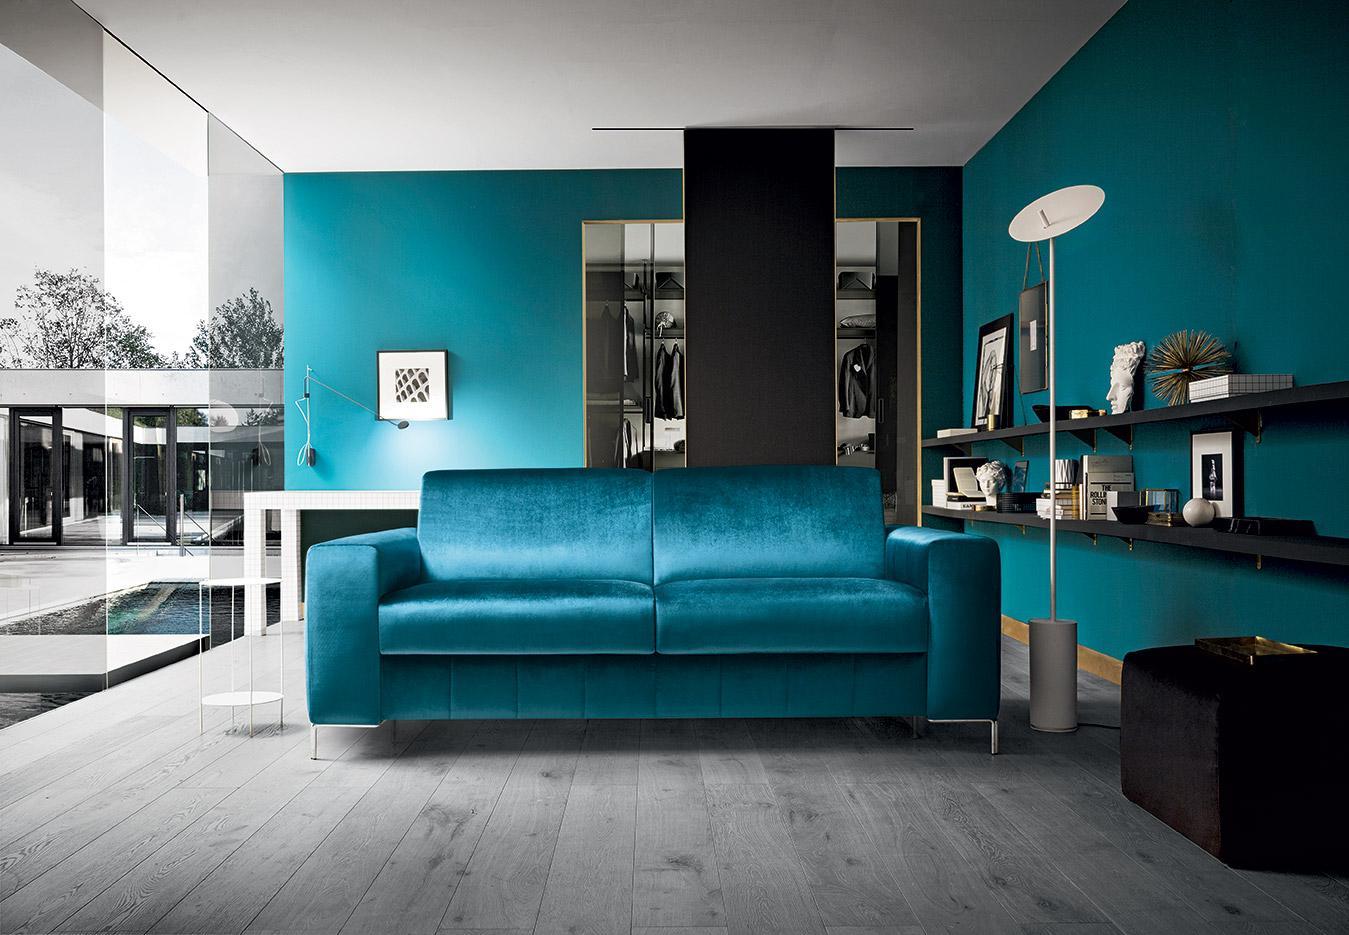 2 seater blue velvet sofa with silver modern legs, floor lamp, turquoise velvet high quality fabric sofa, ditheseos kanapes veloudinos me asimenia podia, ipsilis poiotitas kanapes veloudos mple,